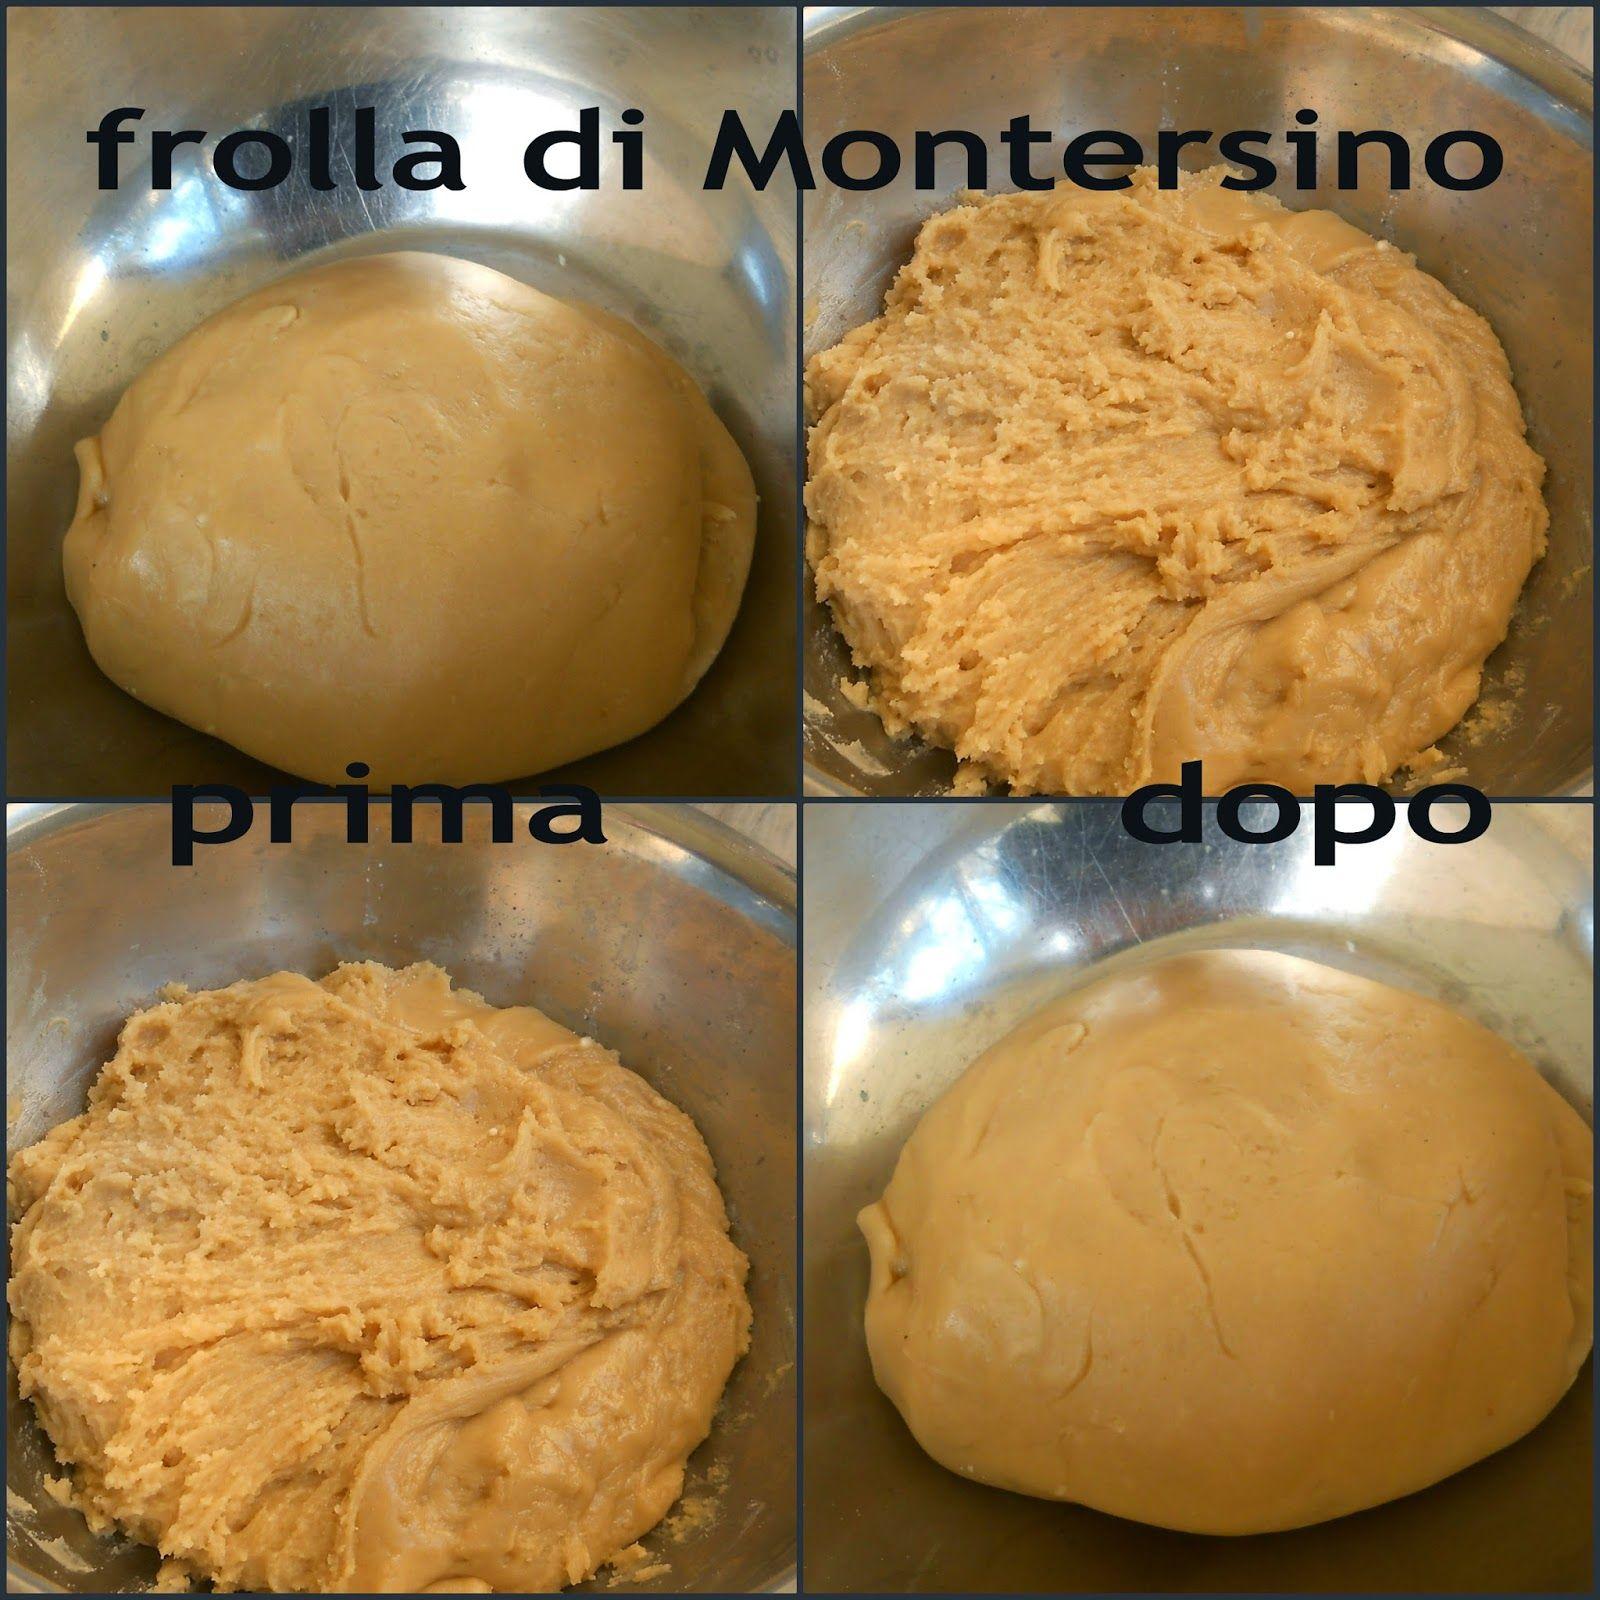 Pasta Frolla Senza Uova E Burro Con Farina Di Farro Di Montersino